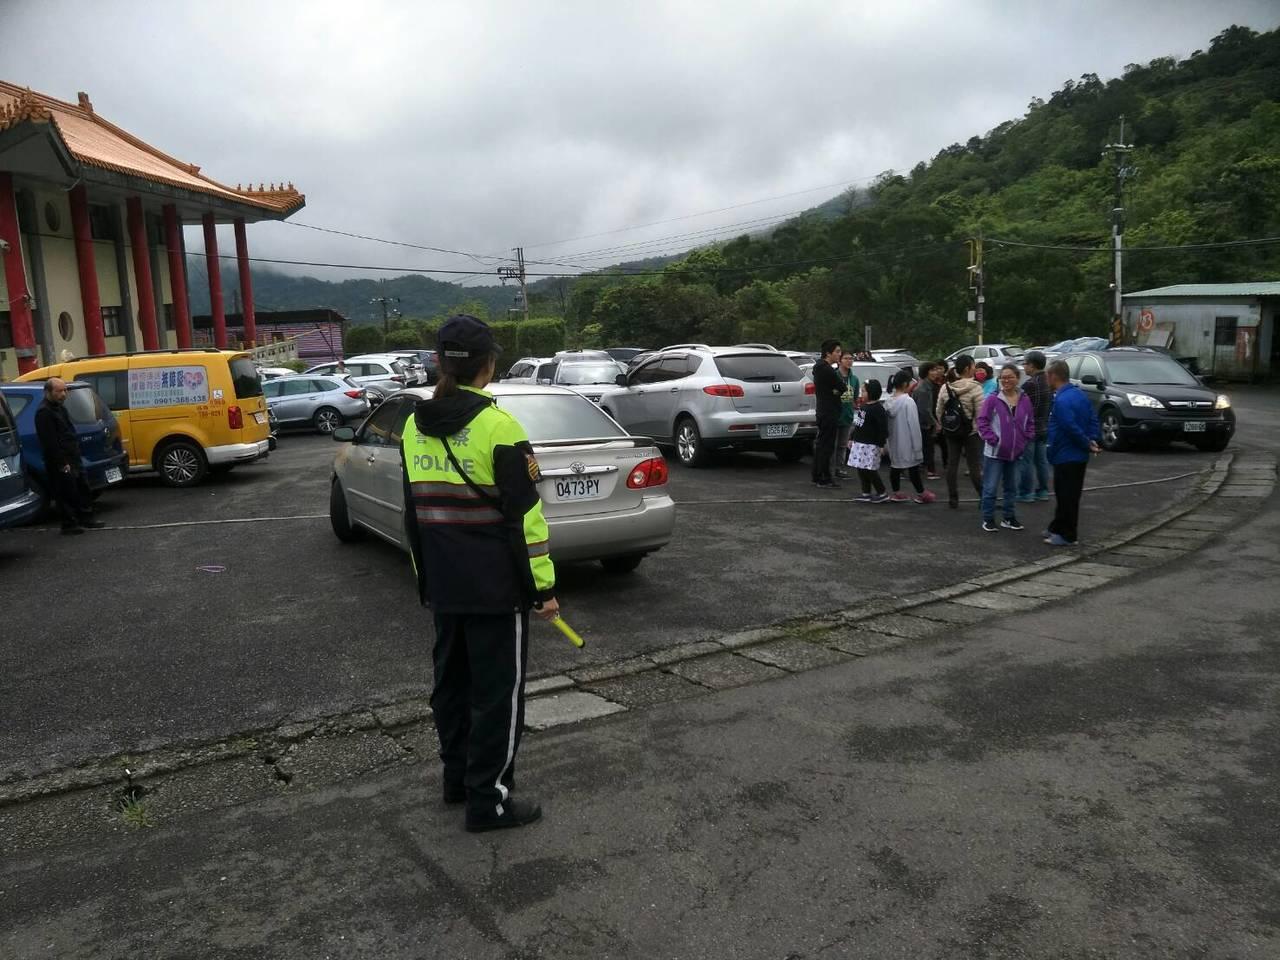 因應清明連續假期,新店警方今天起派員加強公、私立墓園周邊交通疏導。圖/警方提供